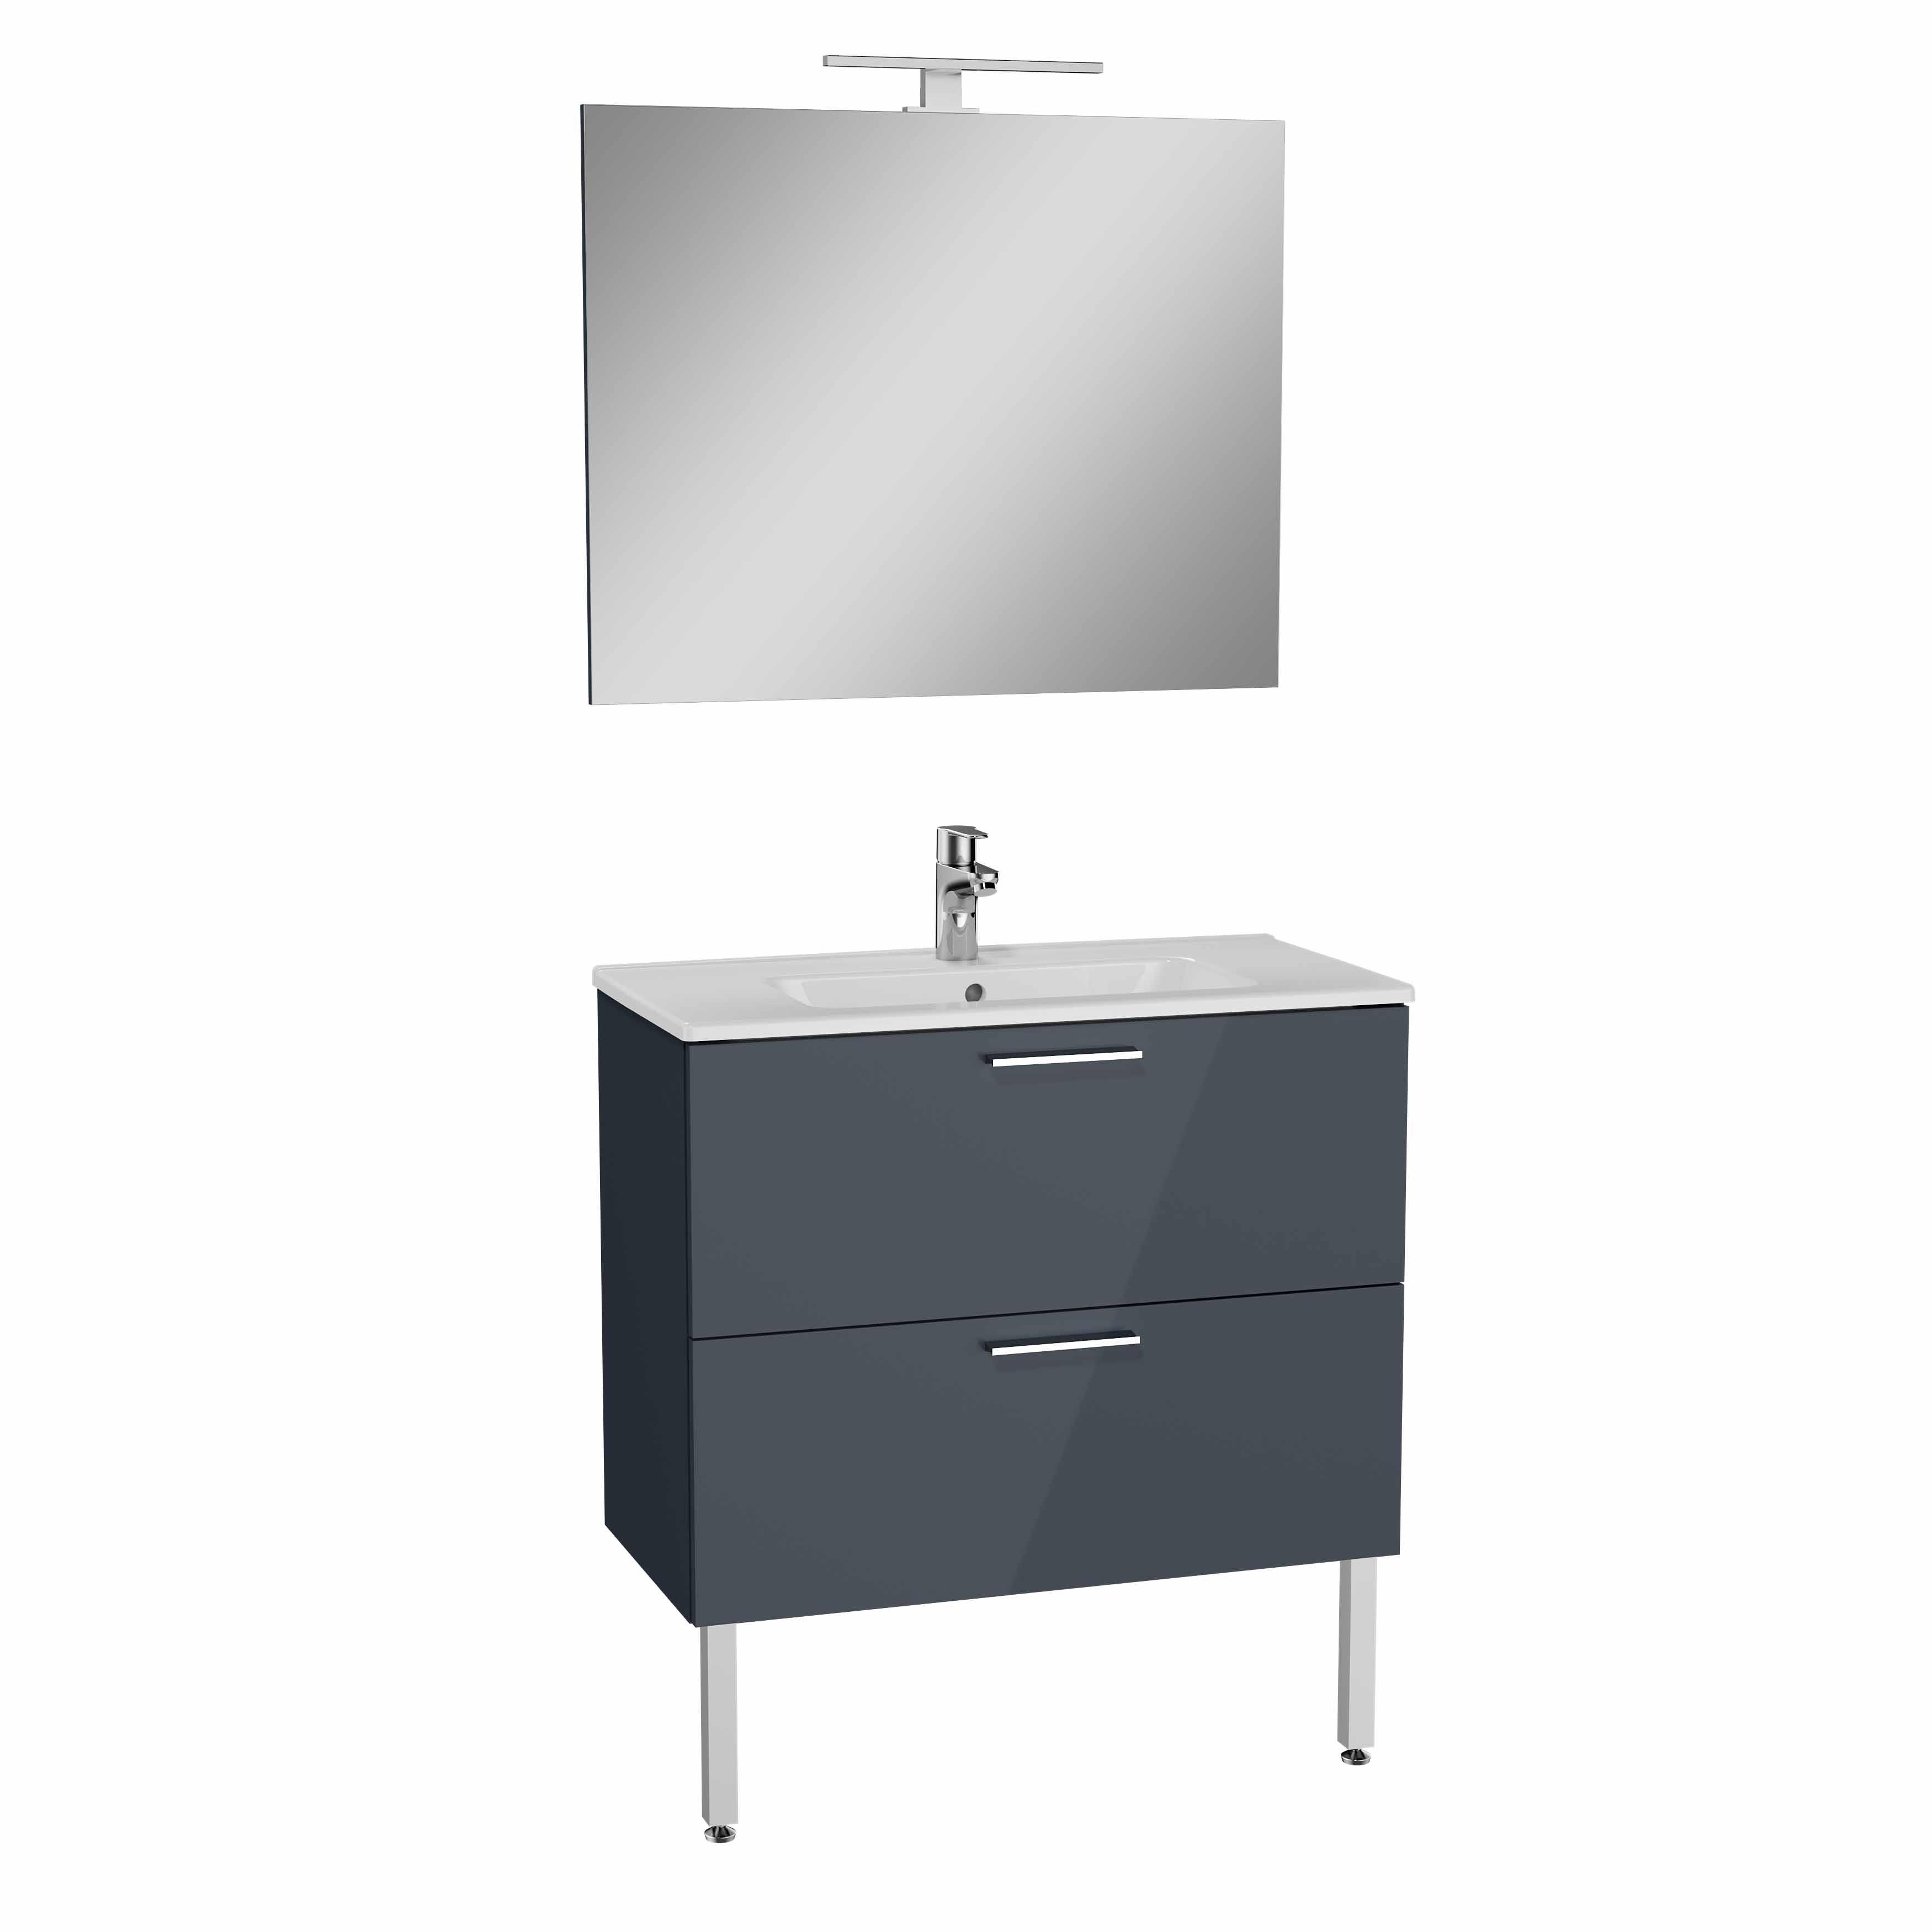 Mia set de meuble, avec 2 tiroirs, 80 cm, anthraciteacite